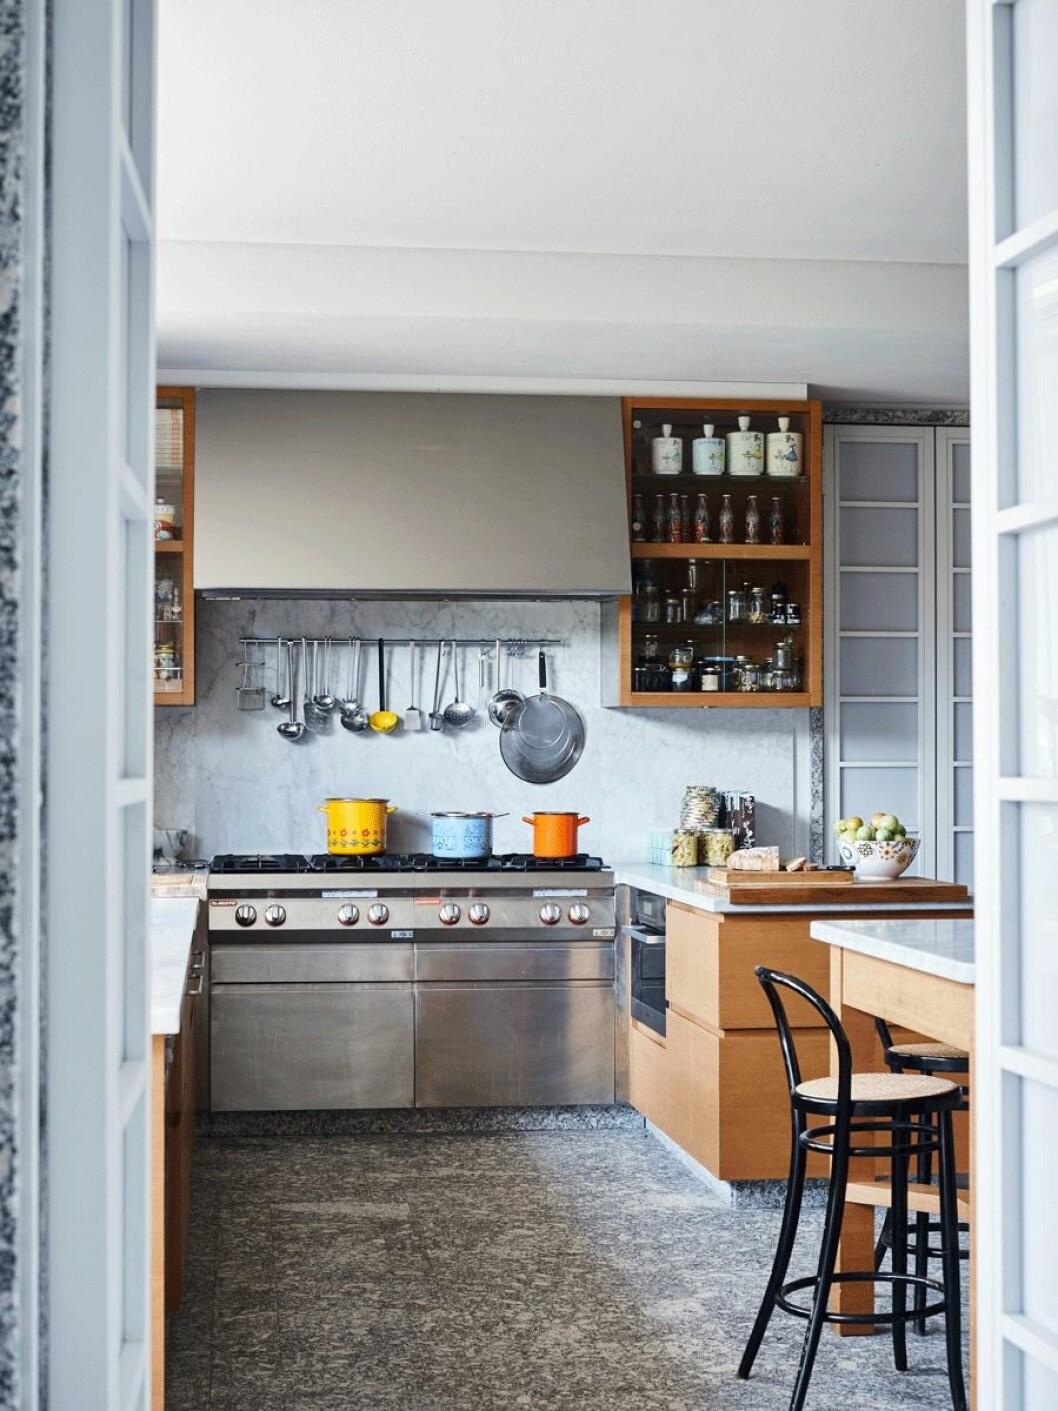 Modernt kök med färgglada kastruller